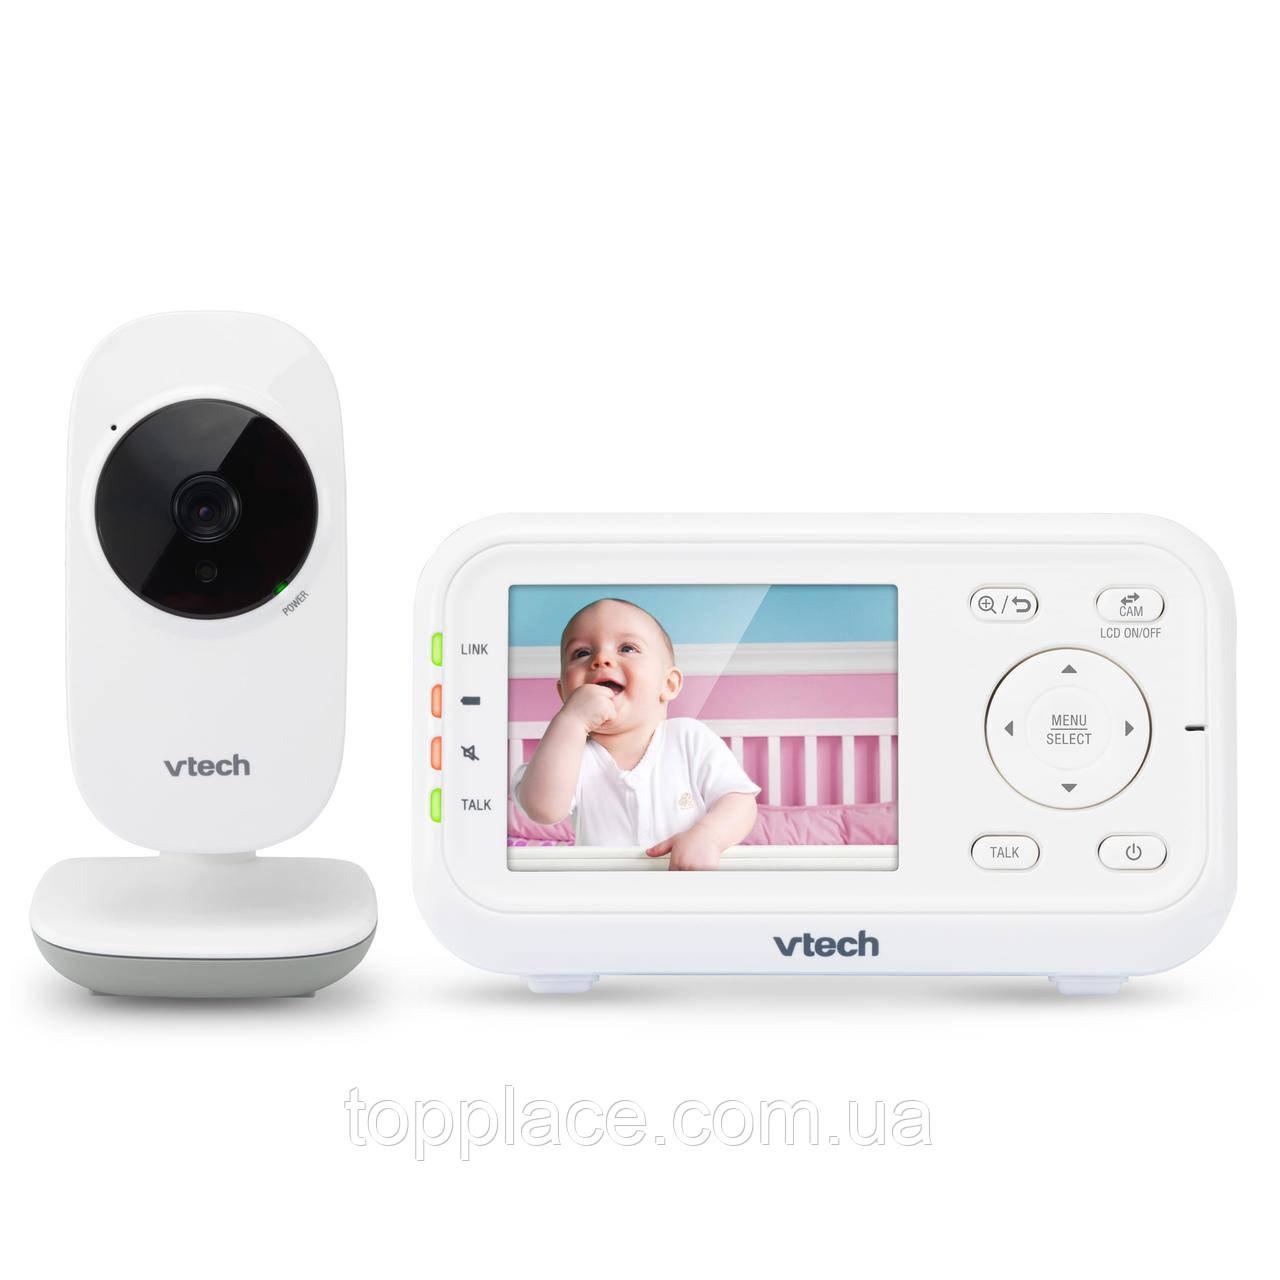 Видеоняня VTech VM3252 односторонней связи (4897027122541)